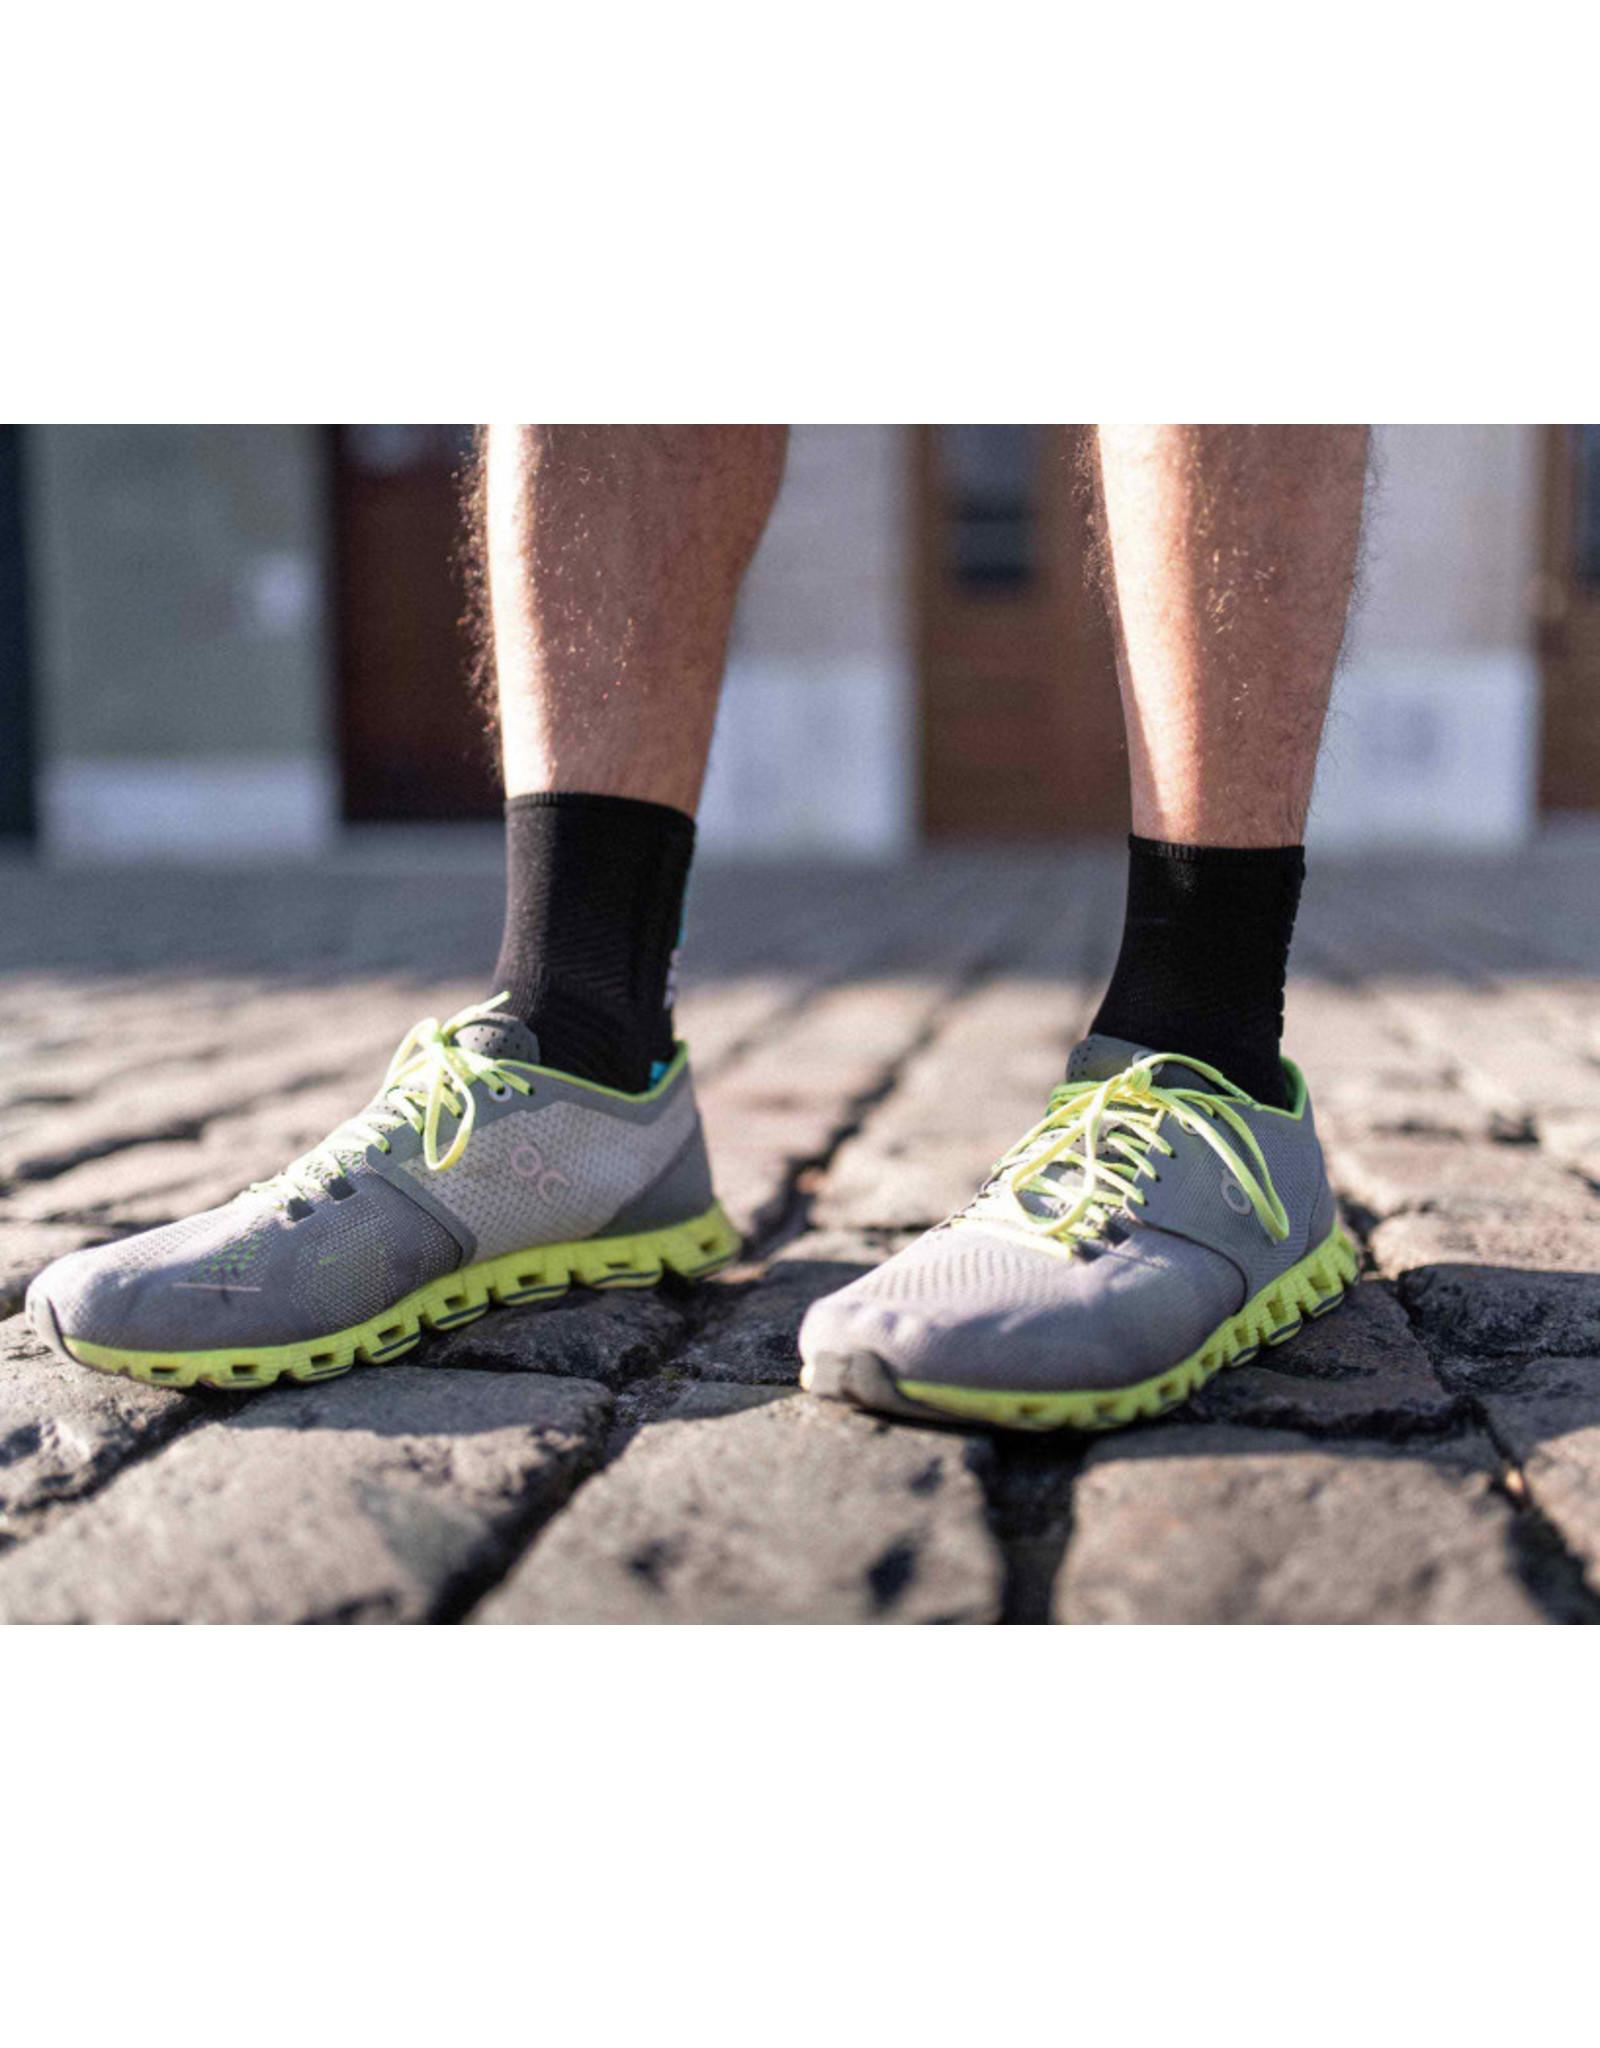 Compressport Pro Marathon Socks Hardloopsokken Hoog - Zwart